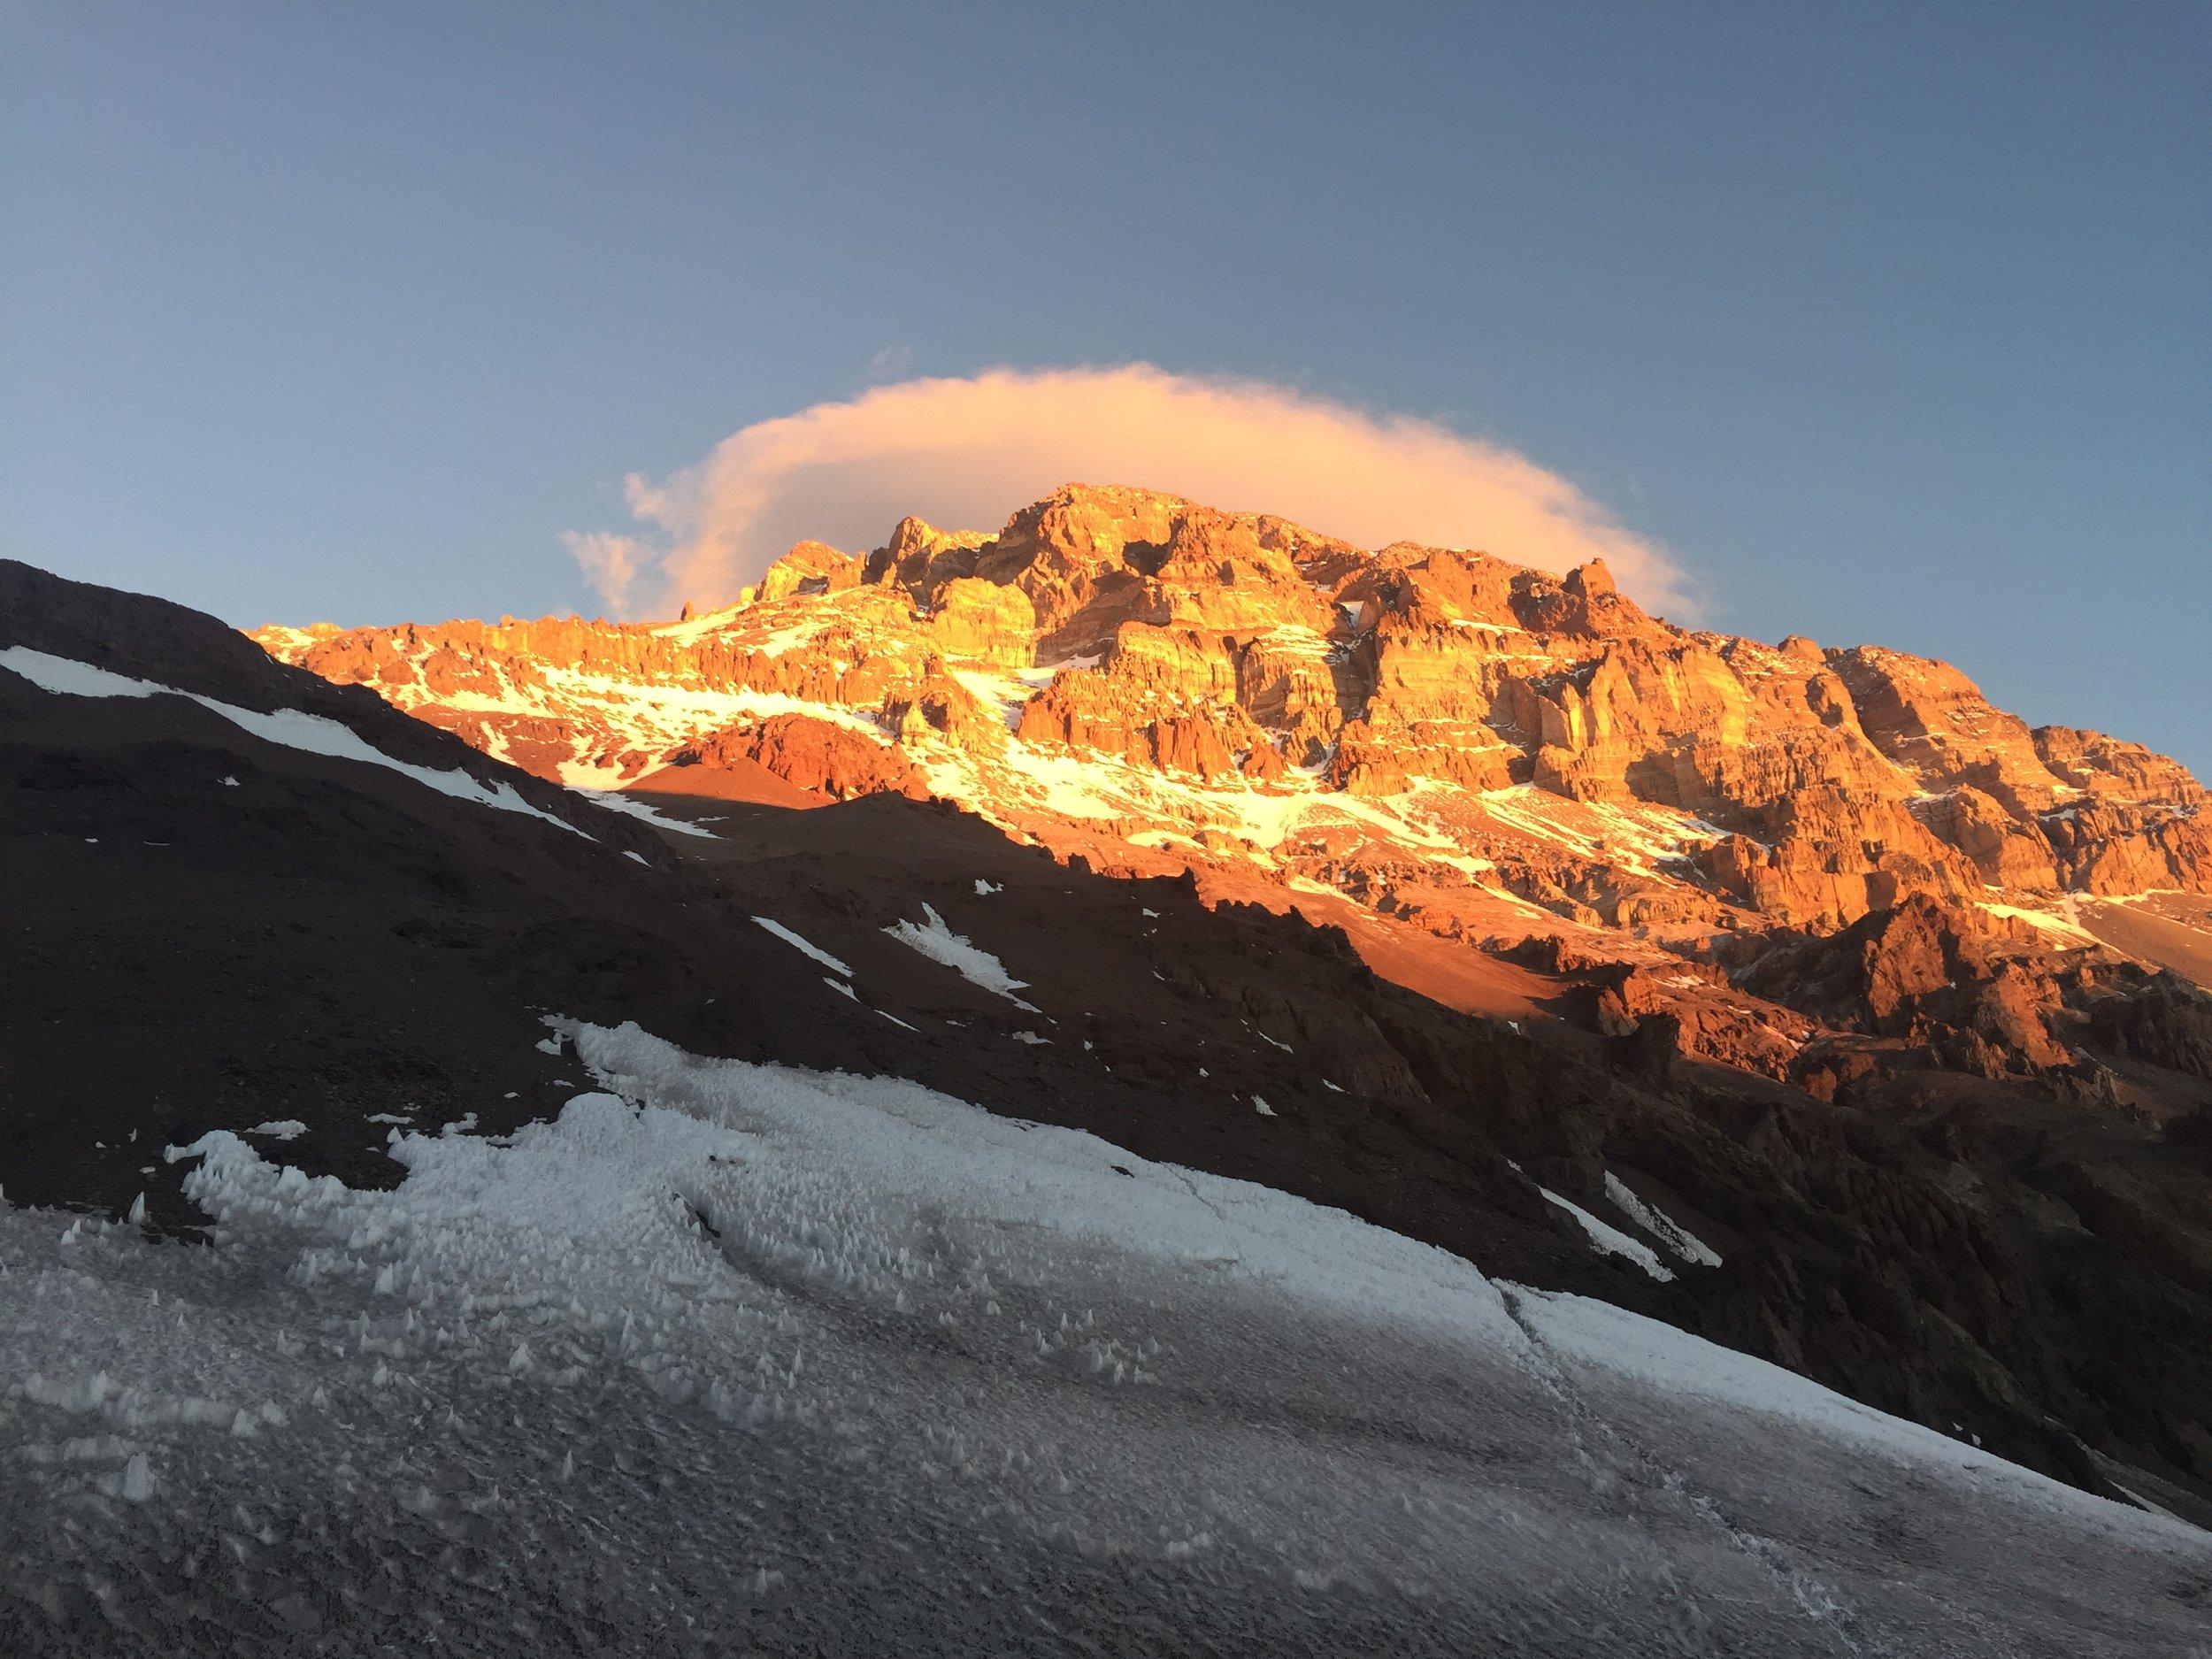 Last sunset on the mountain